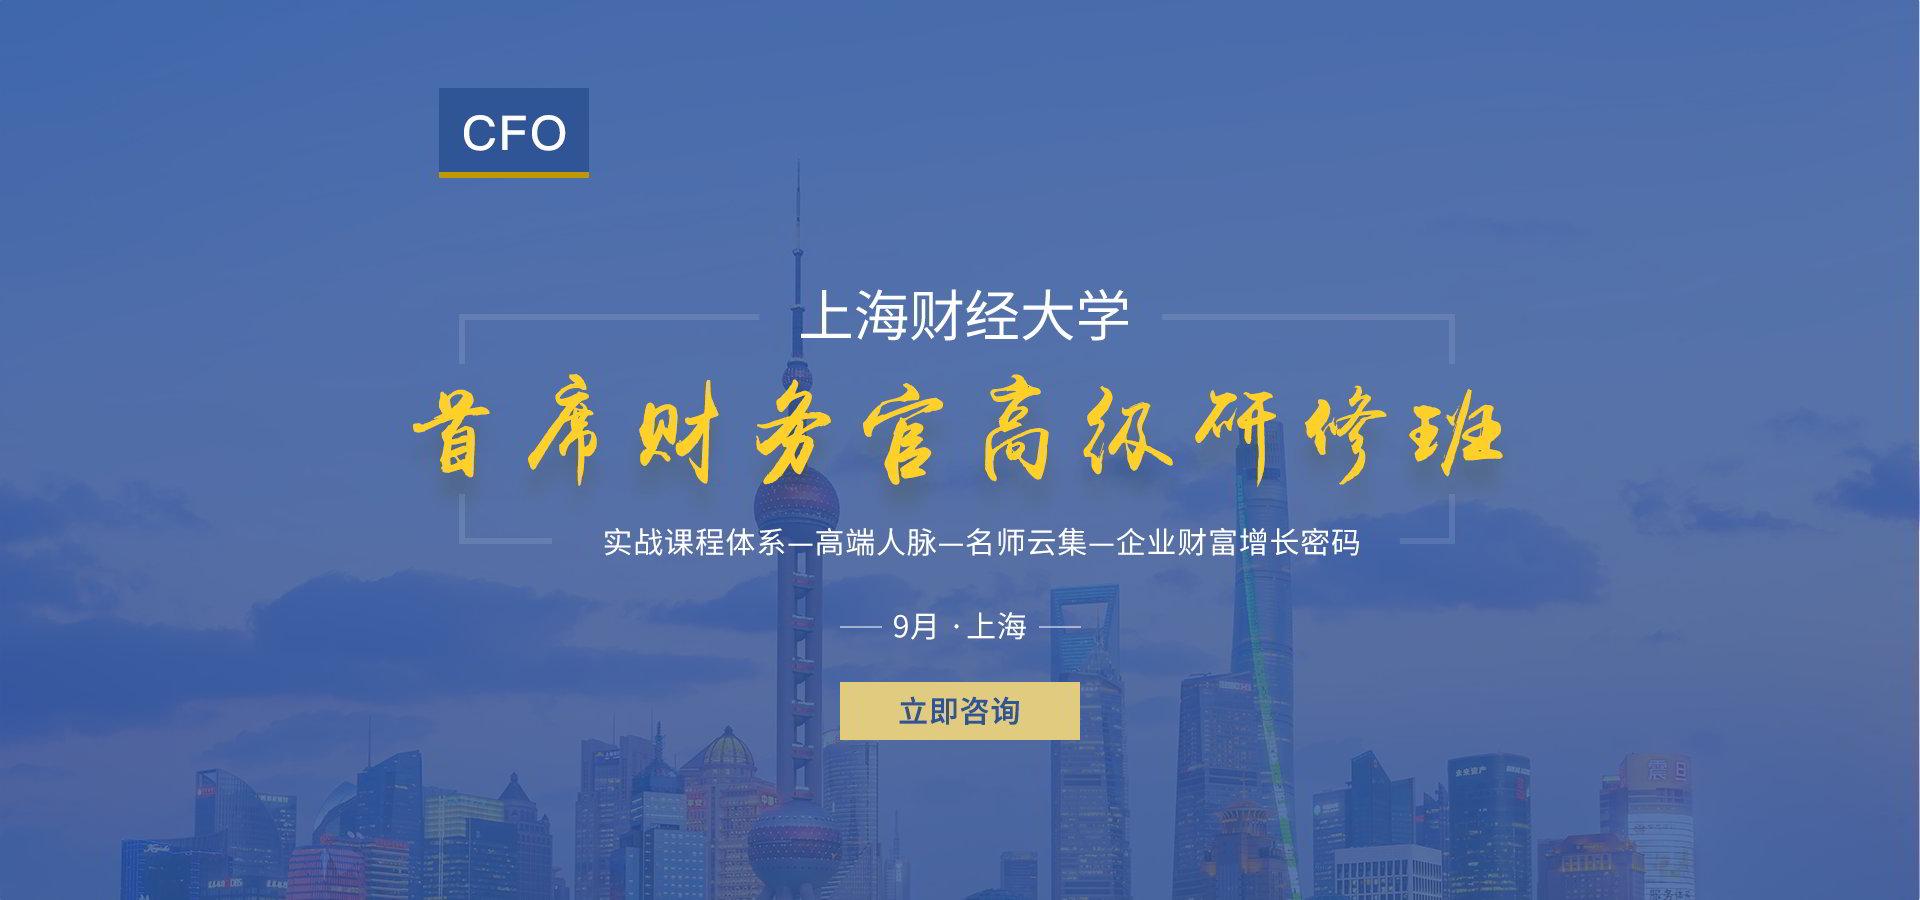 上海財經大學首席財務官高級研修班(CFO研修班)